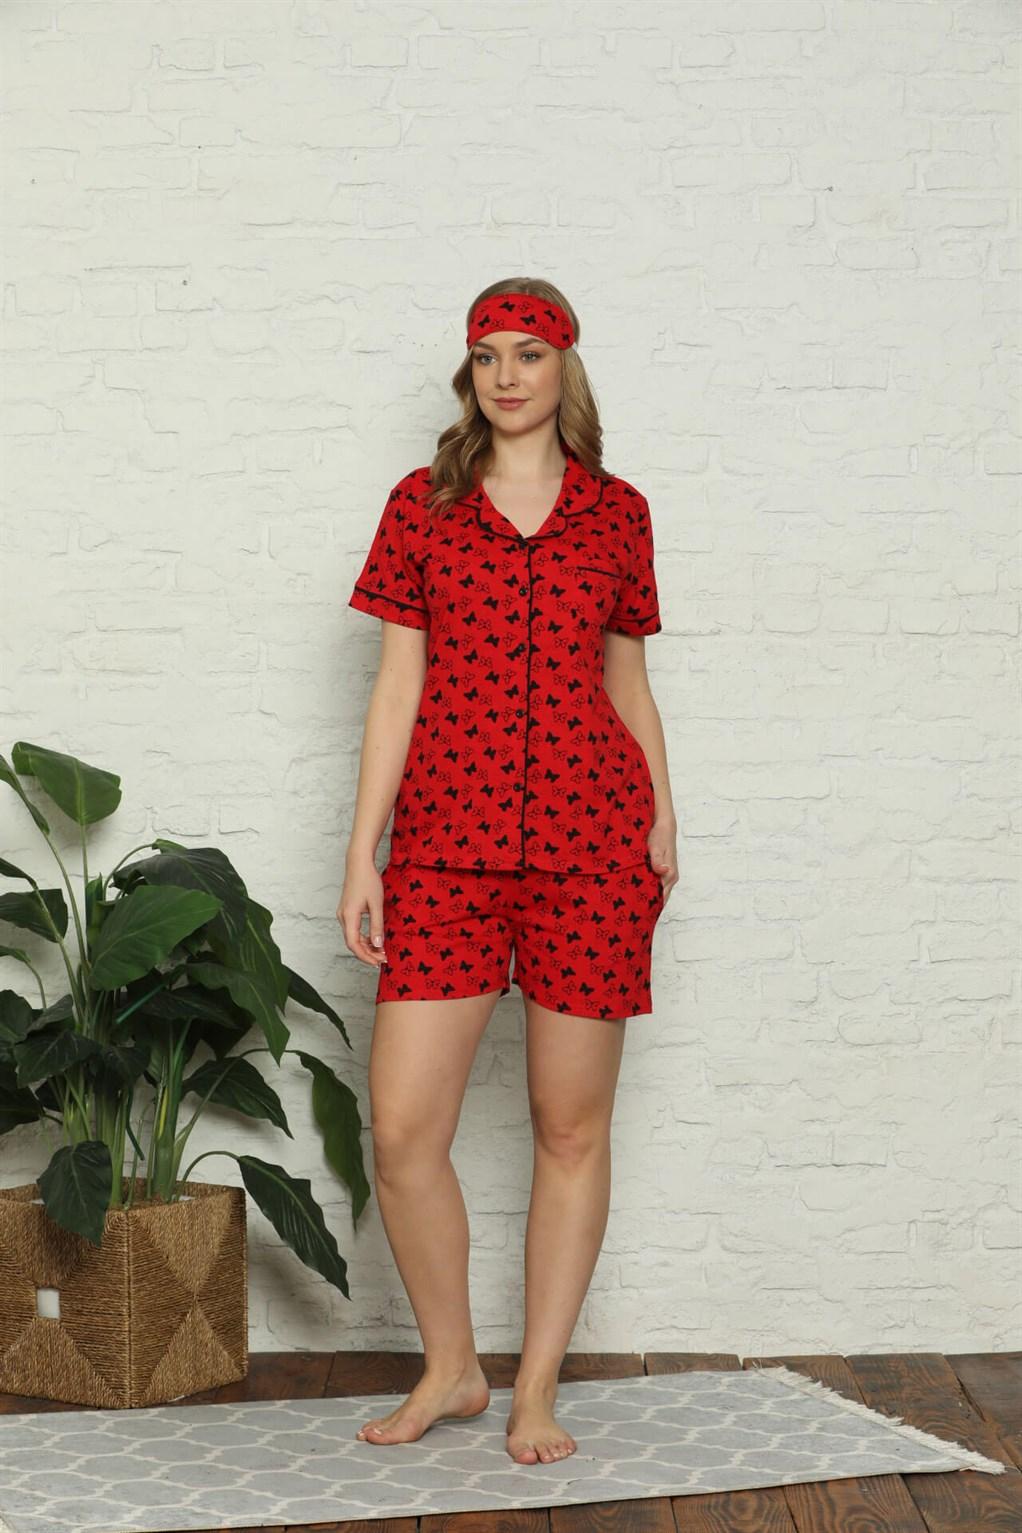 Moda Çizgi Kadın %100 Pamuk Penye Kısa Kol Şortlu Pijama Takım 4315